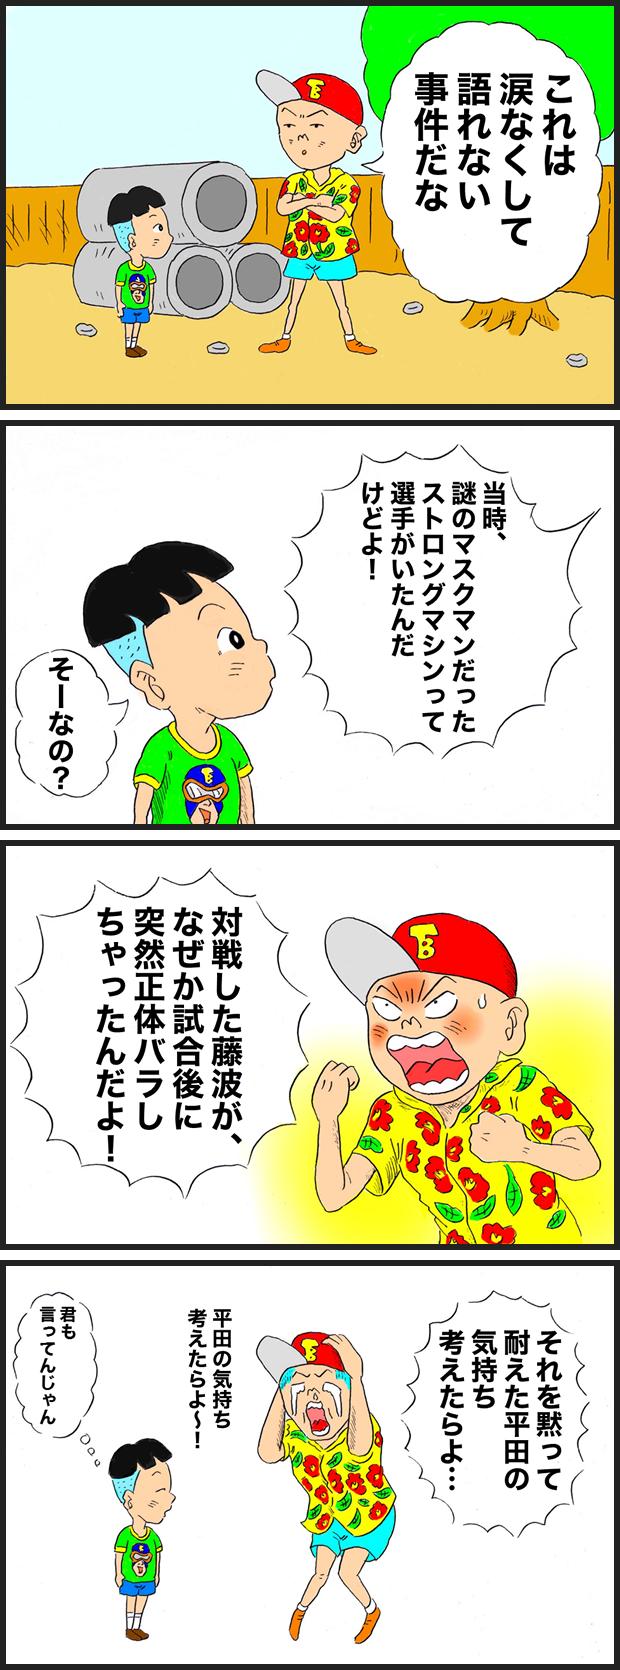 355 「お前平田だろ」事件